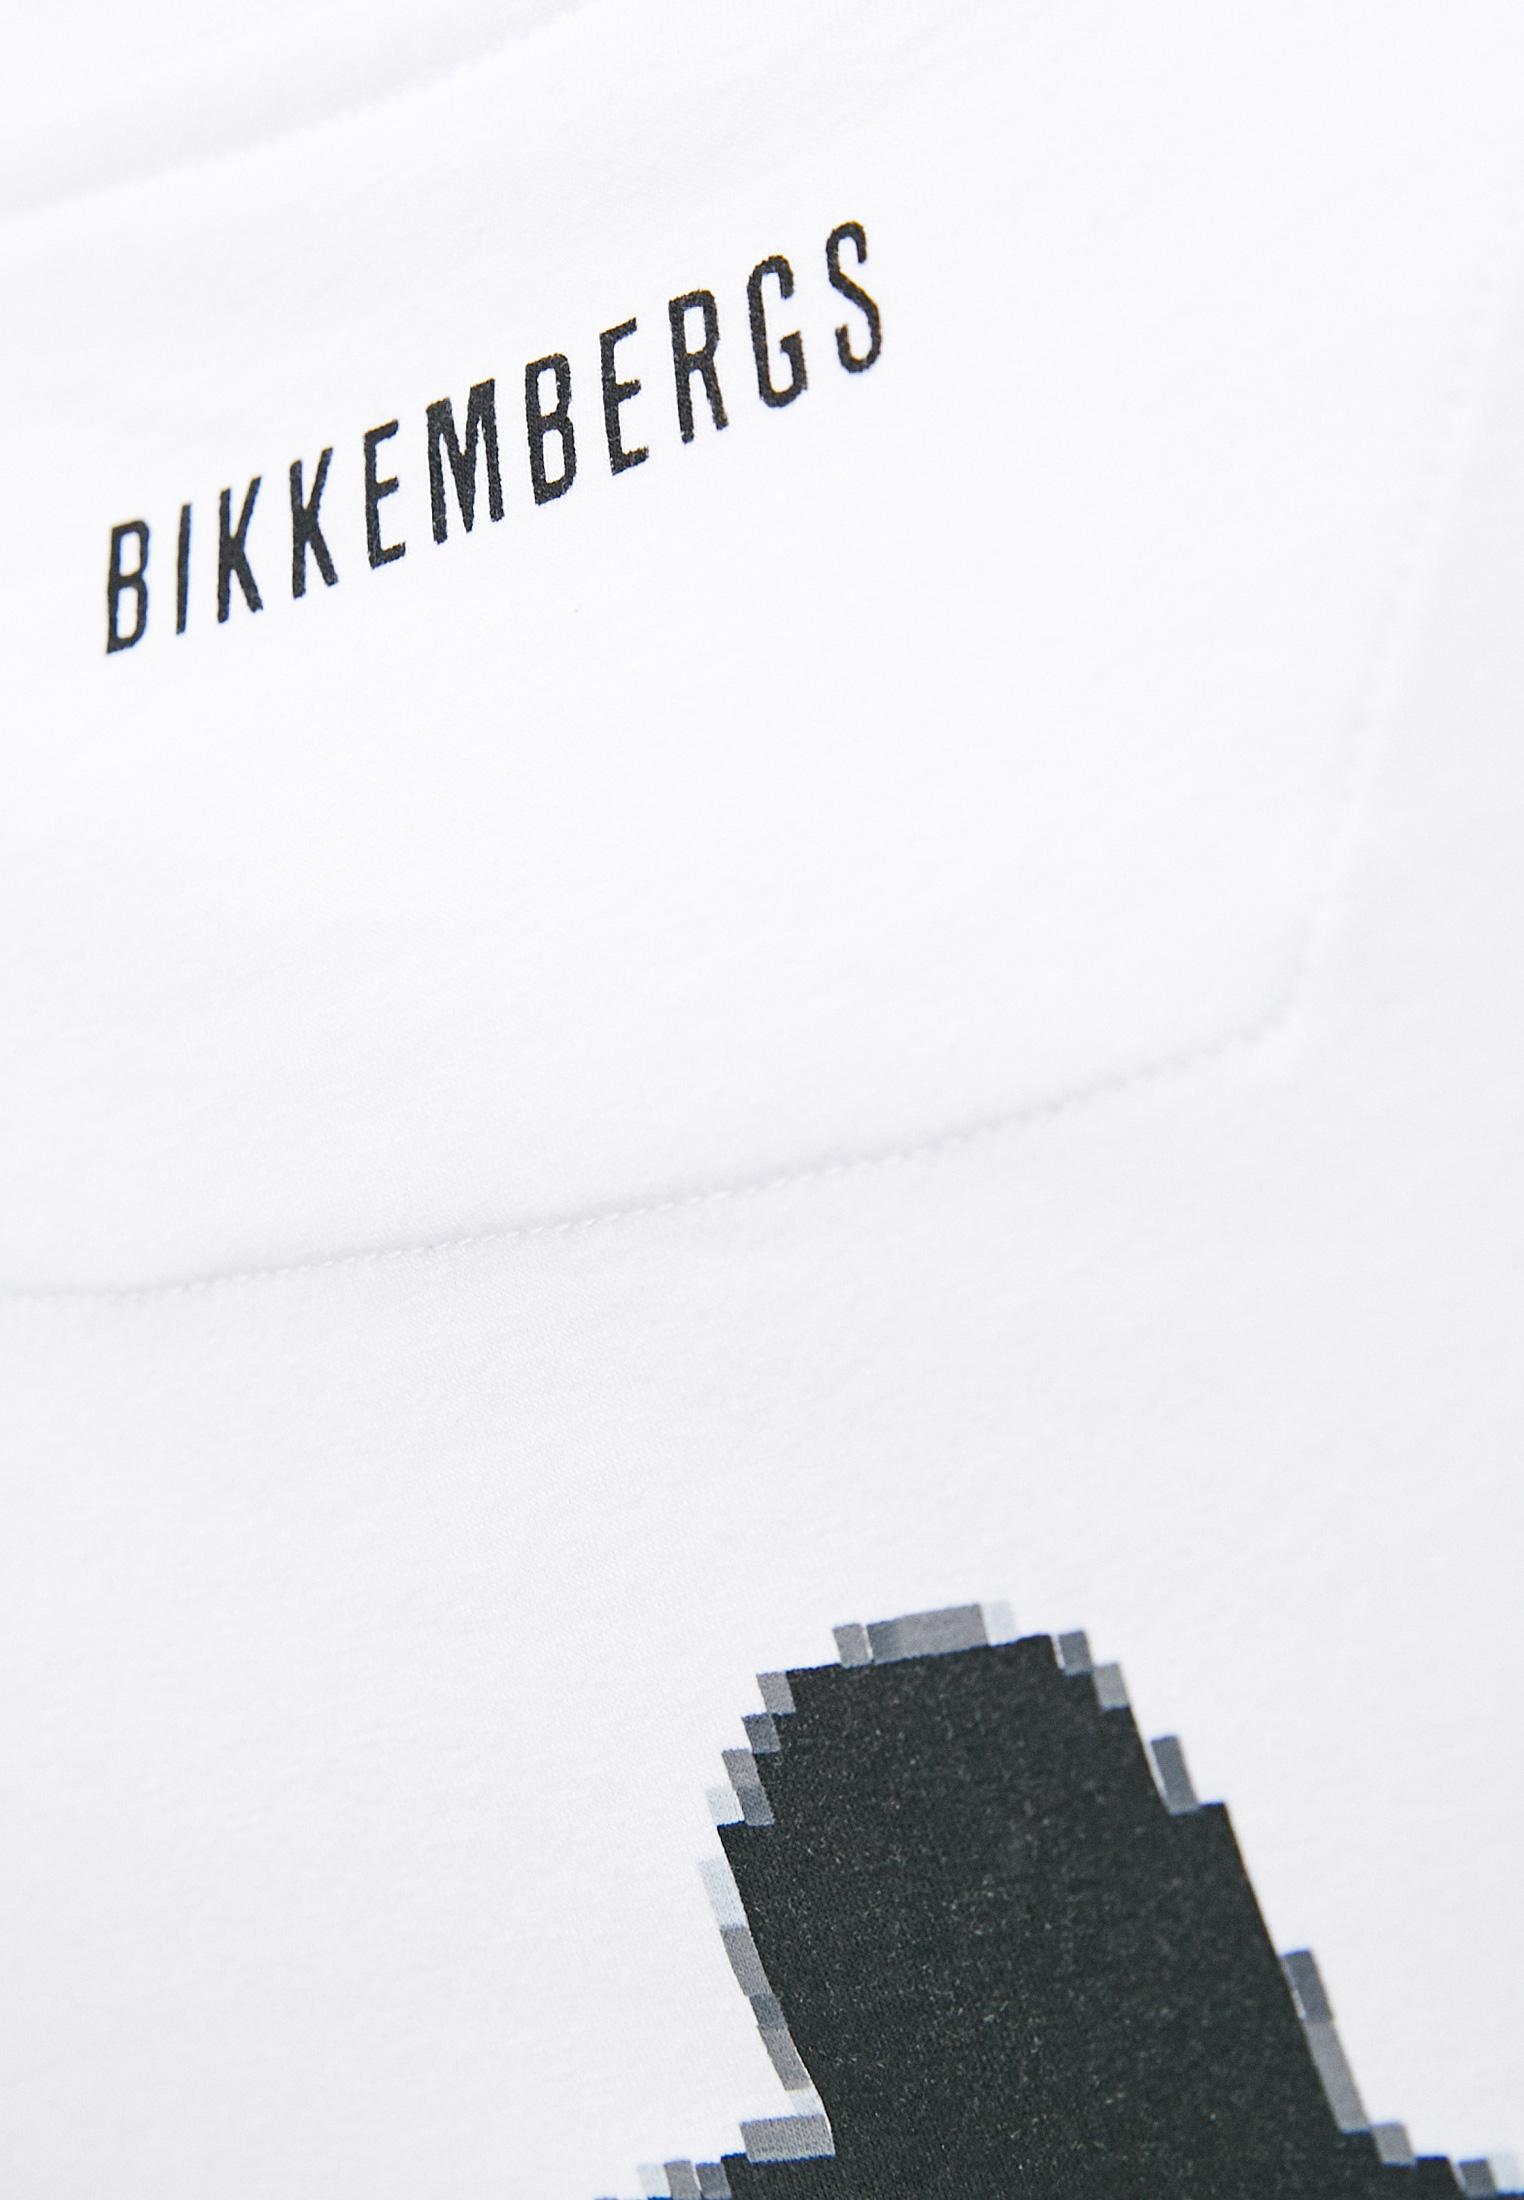 Мужская футболка Bikkembergs (Биккембергс) C 4 101 02 E 2231: изображение 5